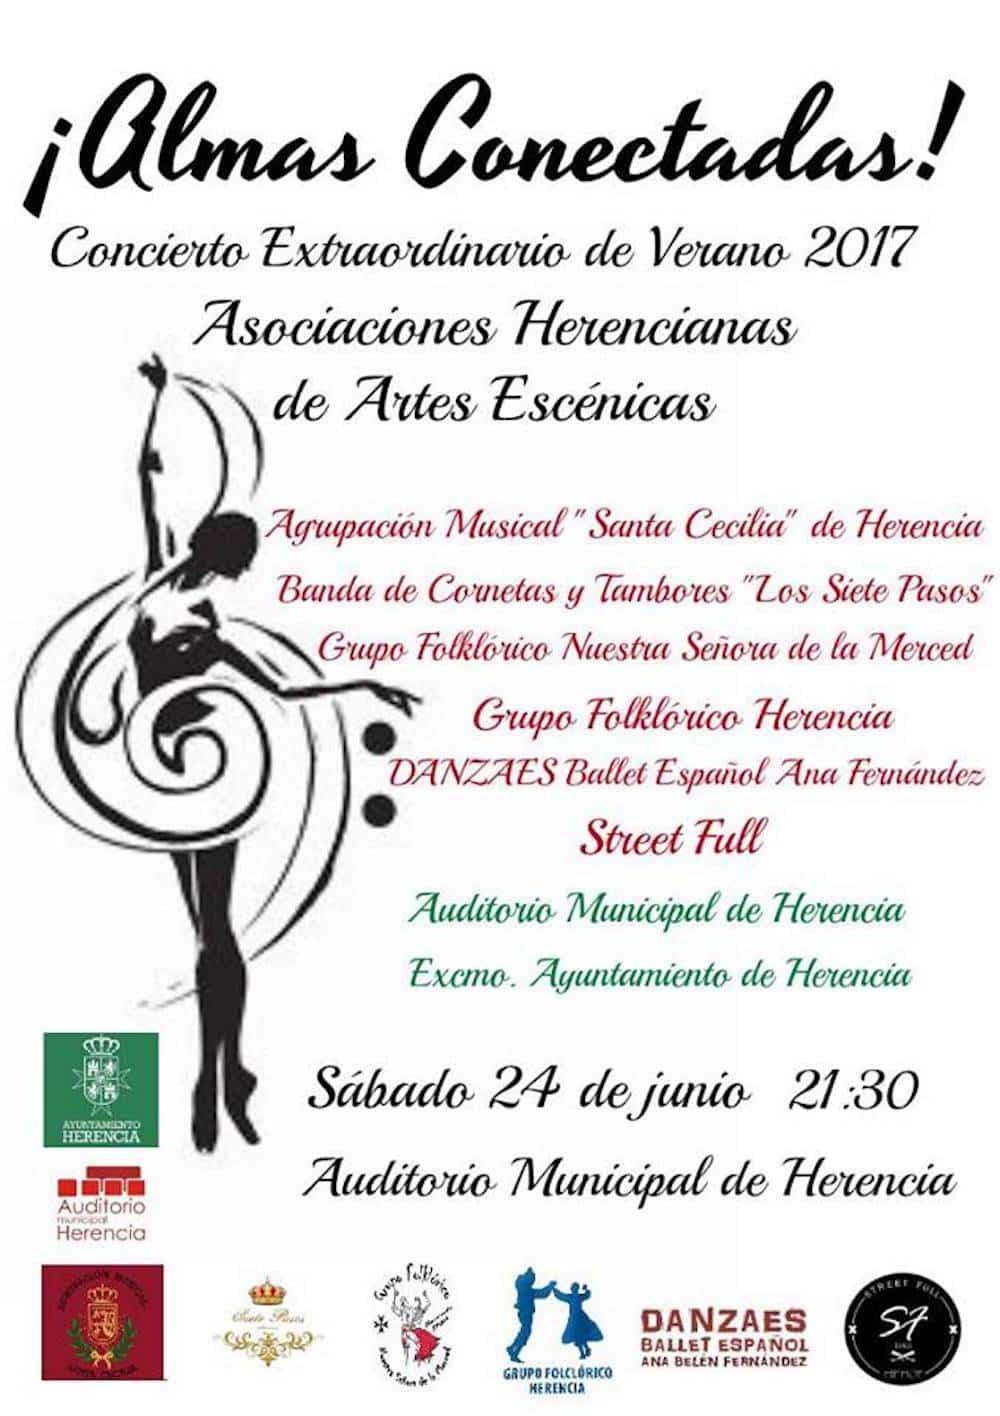 ¡Almas Conectadas! Concierto Extraordinario de Verano 2017 3